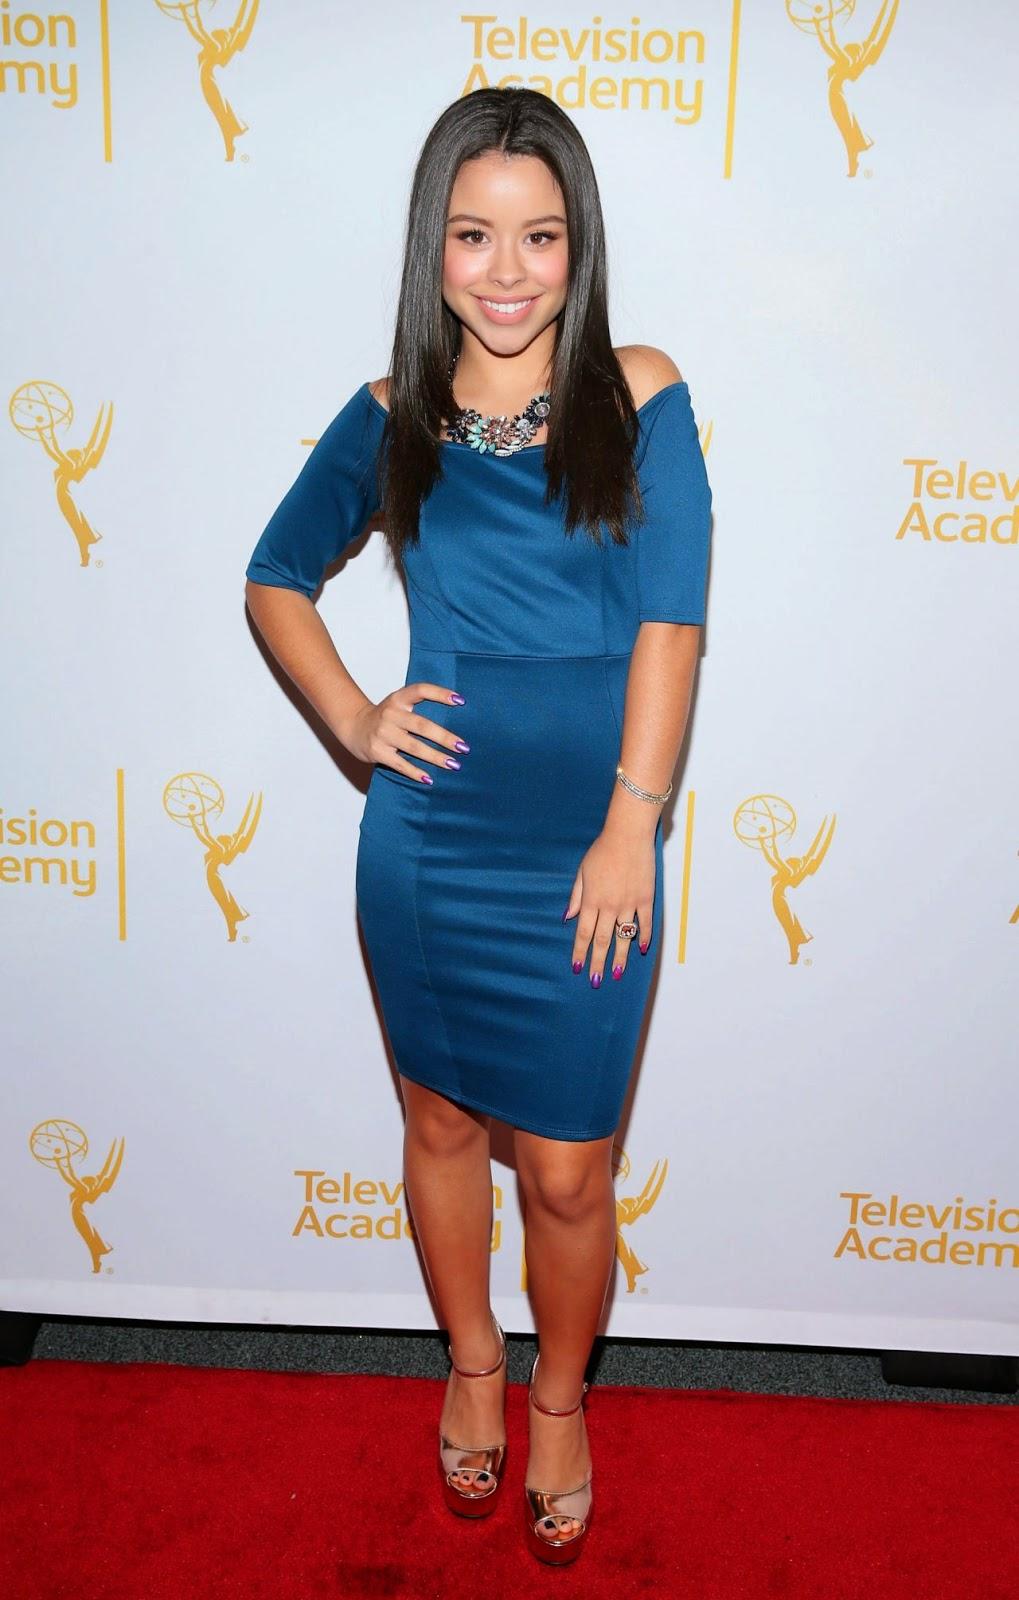 الممثلة الأمريكية سيرا راميريز خلال تواجدها في حفل في شمال هوليوود